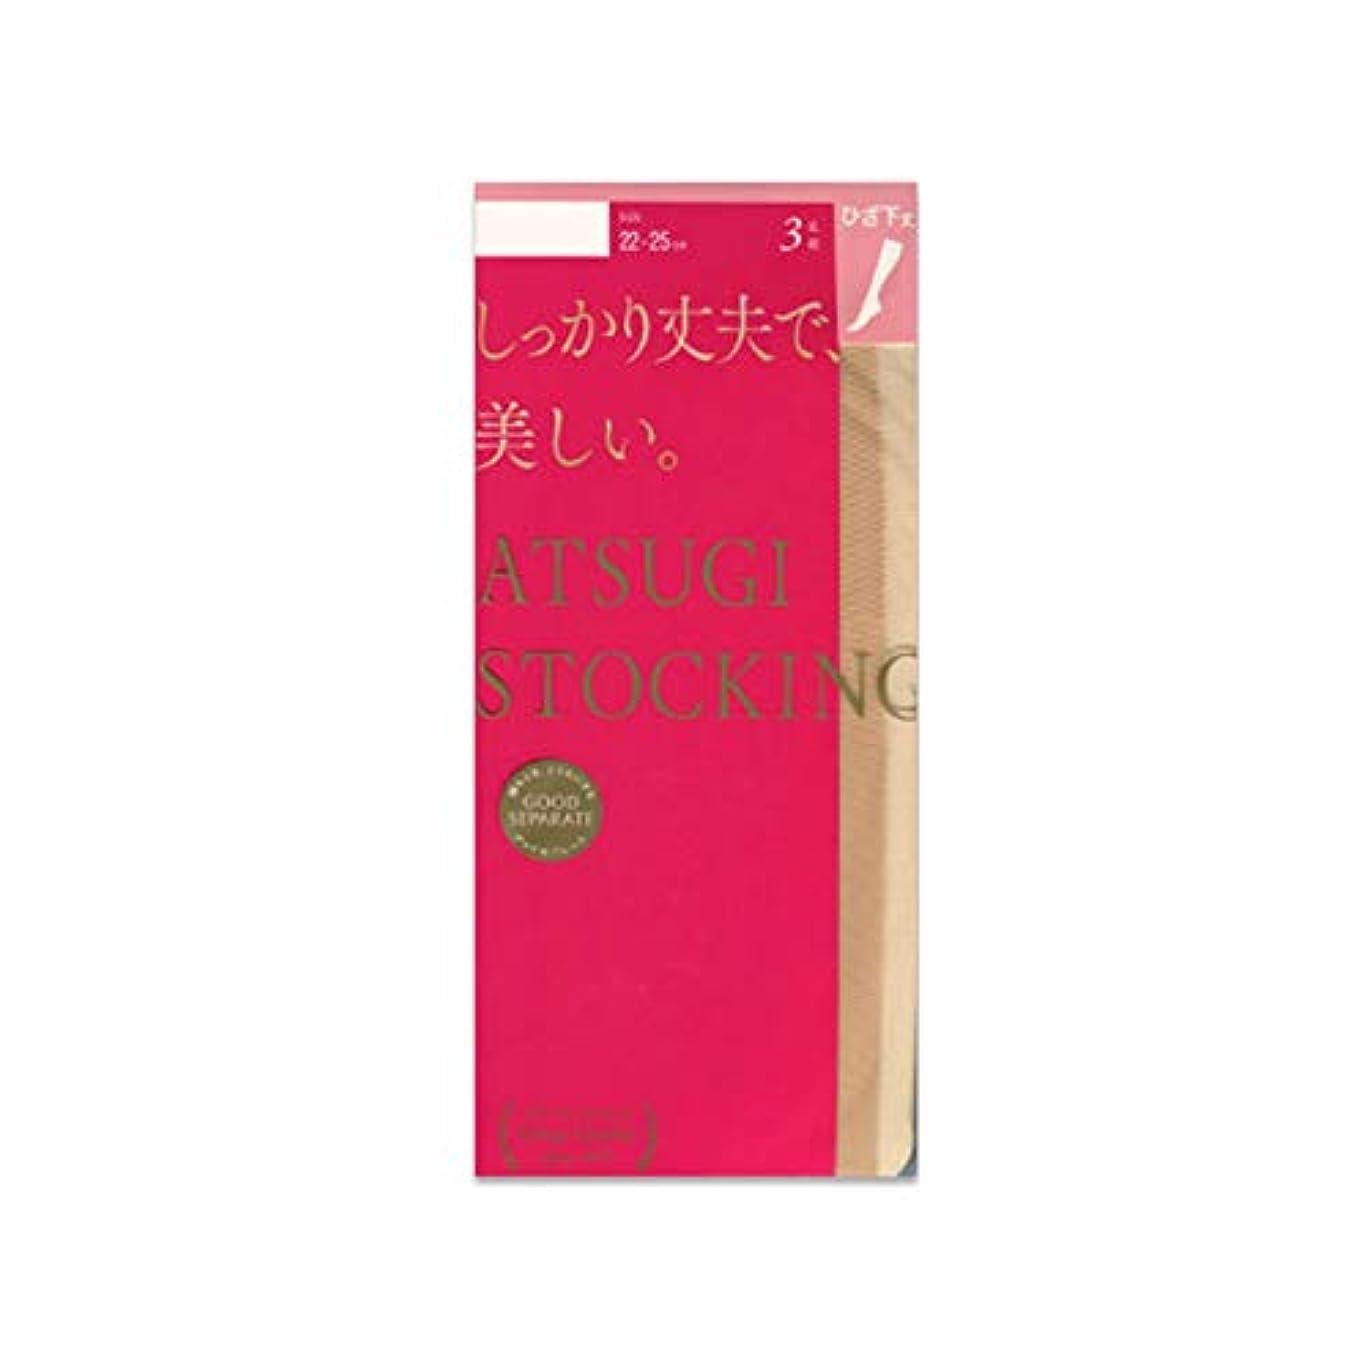 精査する読書最も遠いATSUGI STOCKINGしっかり丈夫で美しい ひざ下丈 ストッキング22-25cm ベビーベージュ 3足組